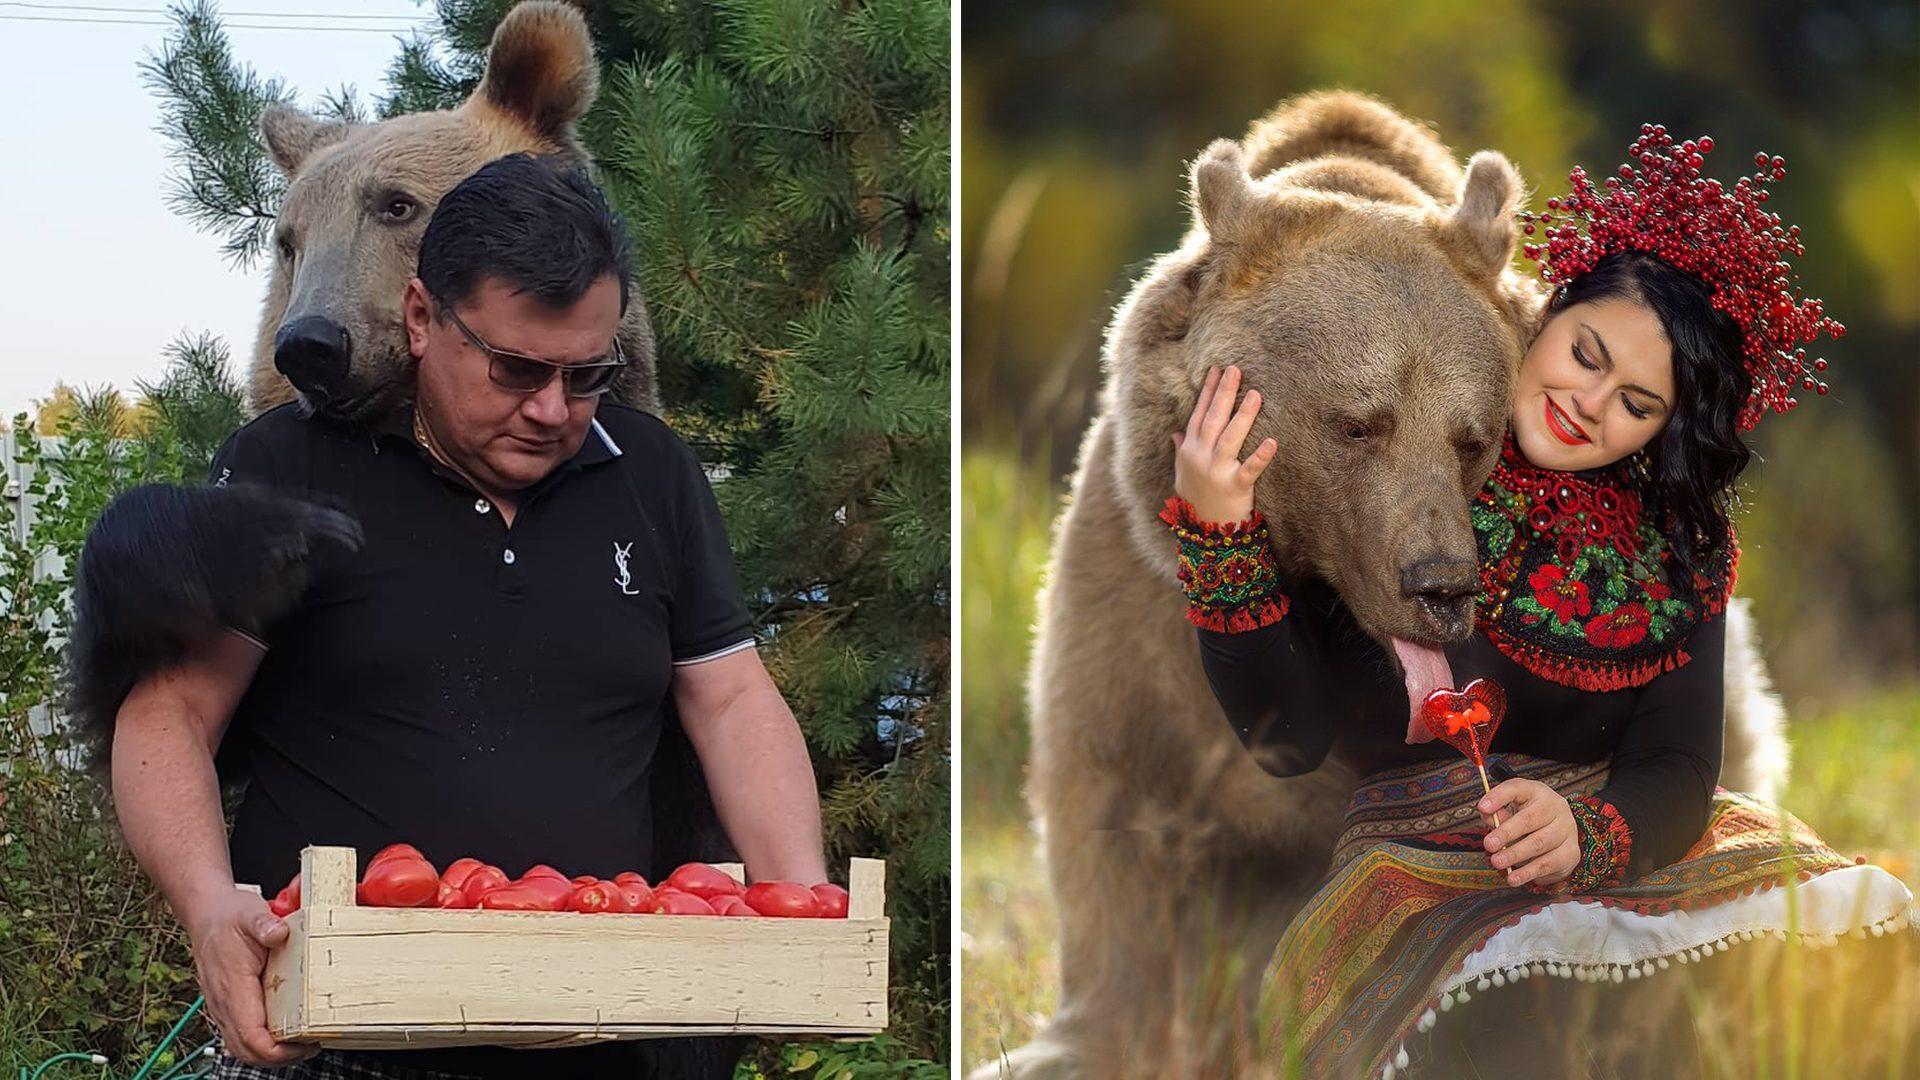 """จากลูกหมีใกล้ตาย สู่ """"หมีนายแบบ"""" ขวัญใจชาวรัสเซีย พี่หมีใจดีเป็นมิตรต่อทุกคน"""